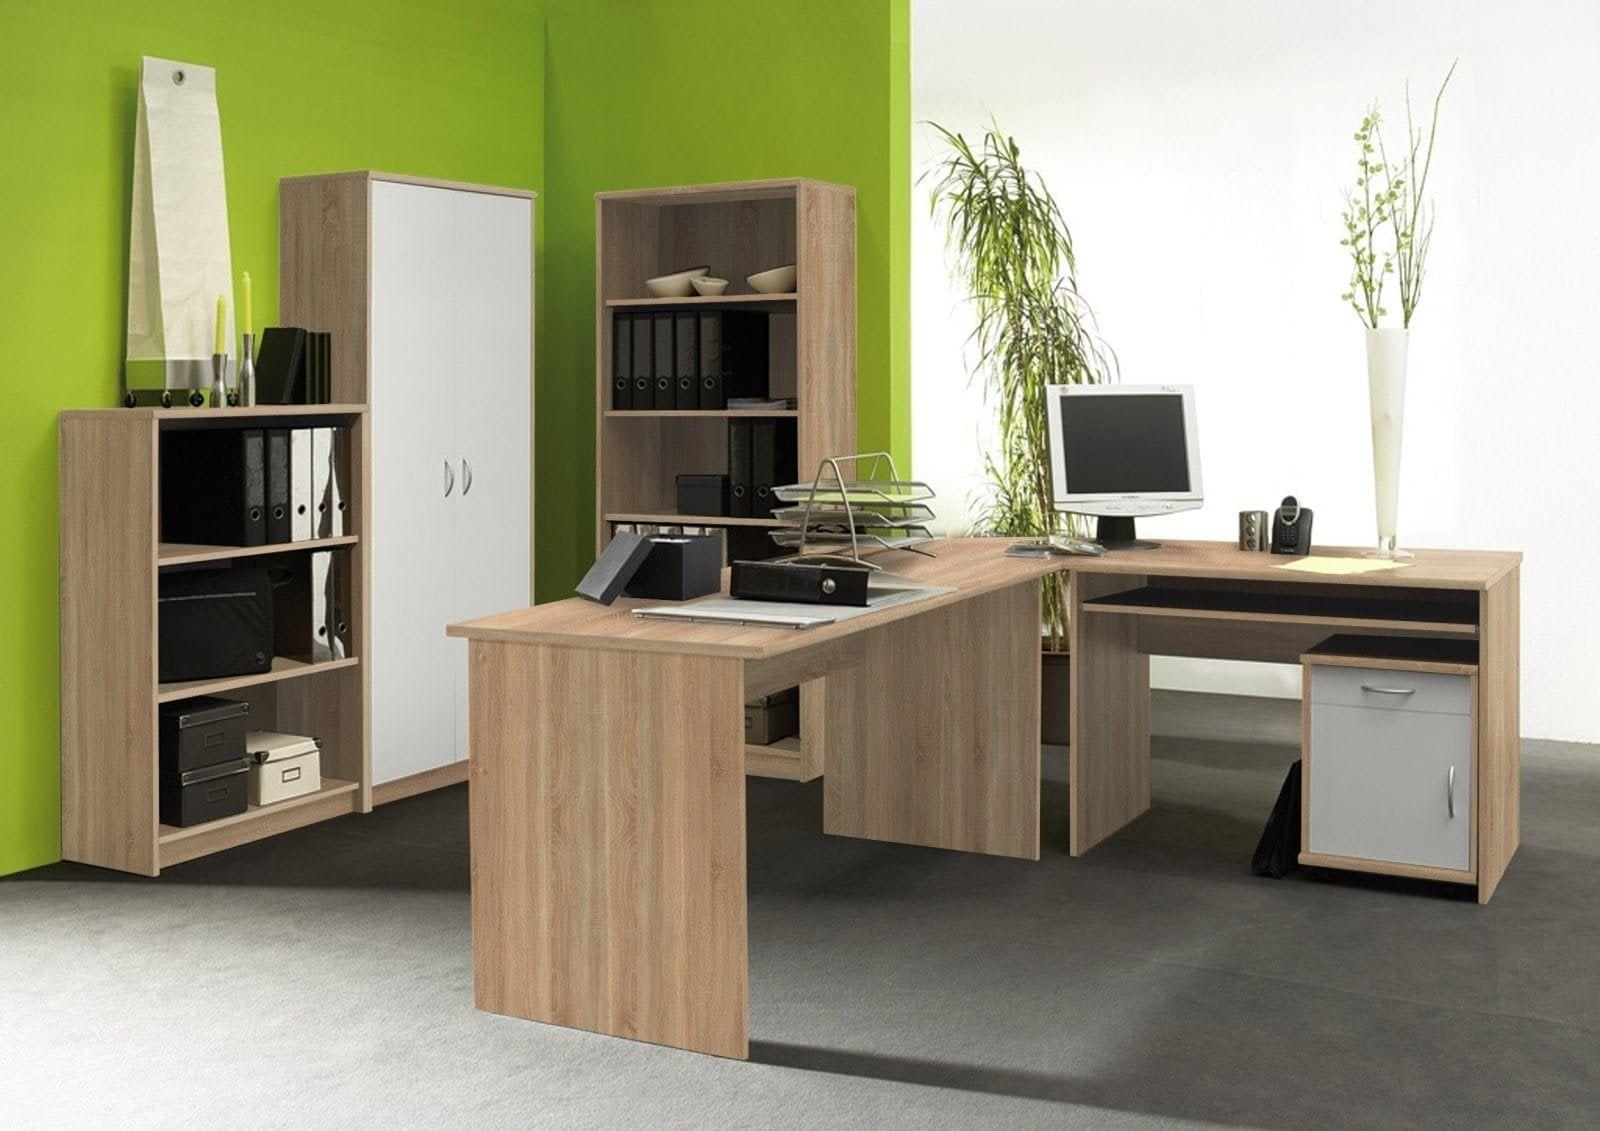 BüromöbelSet OFFICE COMPACT Sonoma Eicheweiß ein